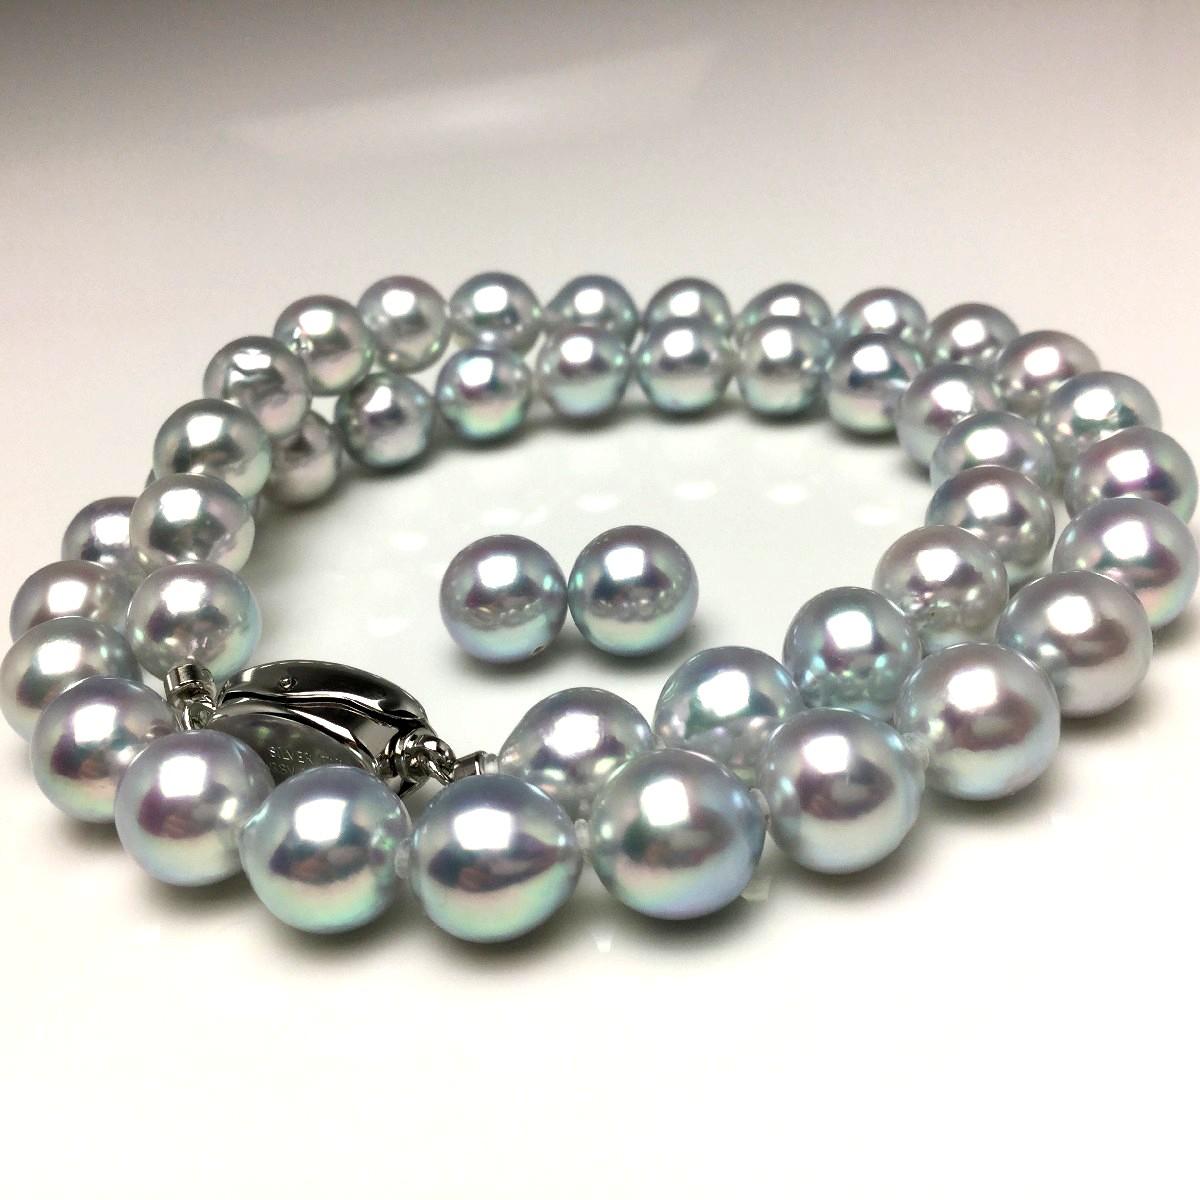 【10%OFF】真珠 ネックレス パール ナチュラルカラー アコヤ真珠 イヤリング or ピアス セット 8.5-9.0mm シルバーブルー(ナチュラル) シルバー クラスップ 67017 イソワパール